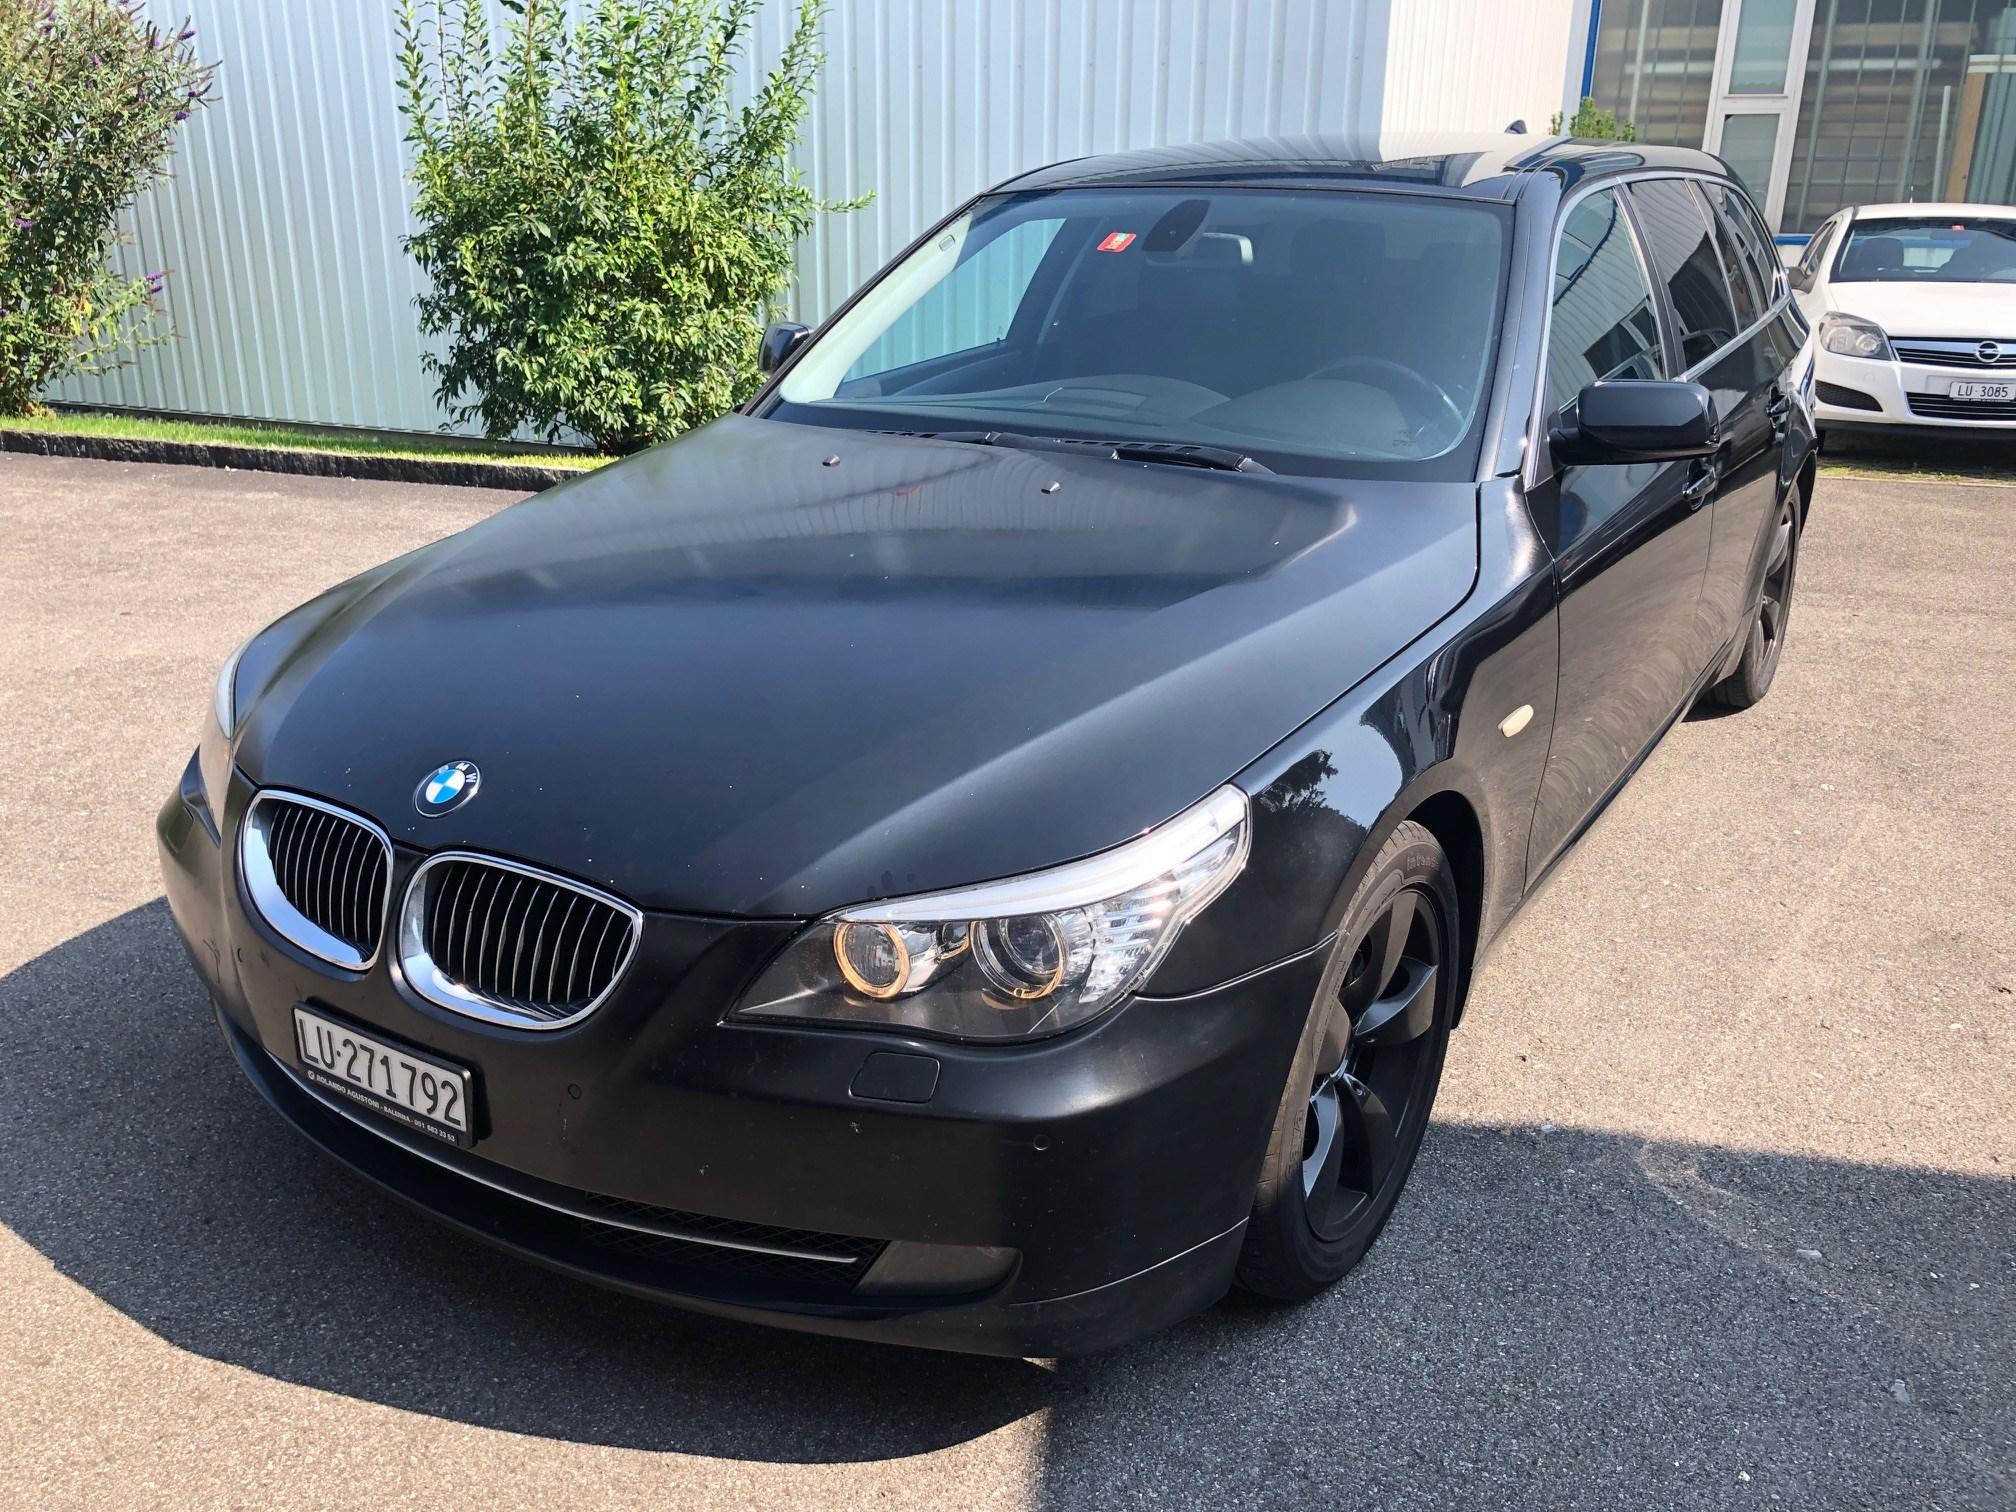 BMW 5er Reihe E61 Touring 530d